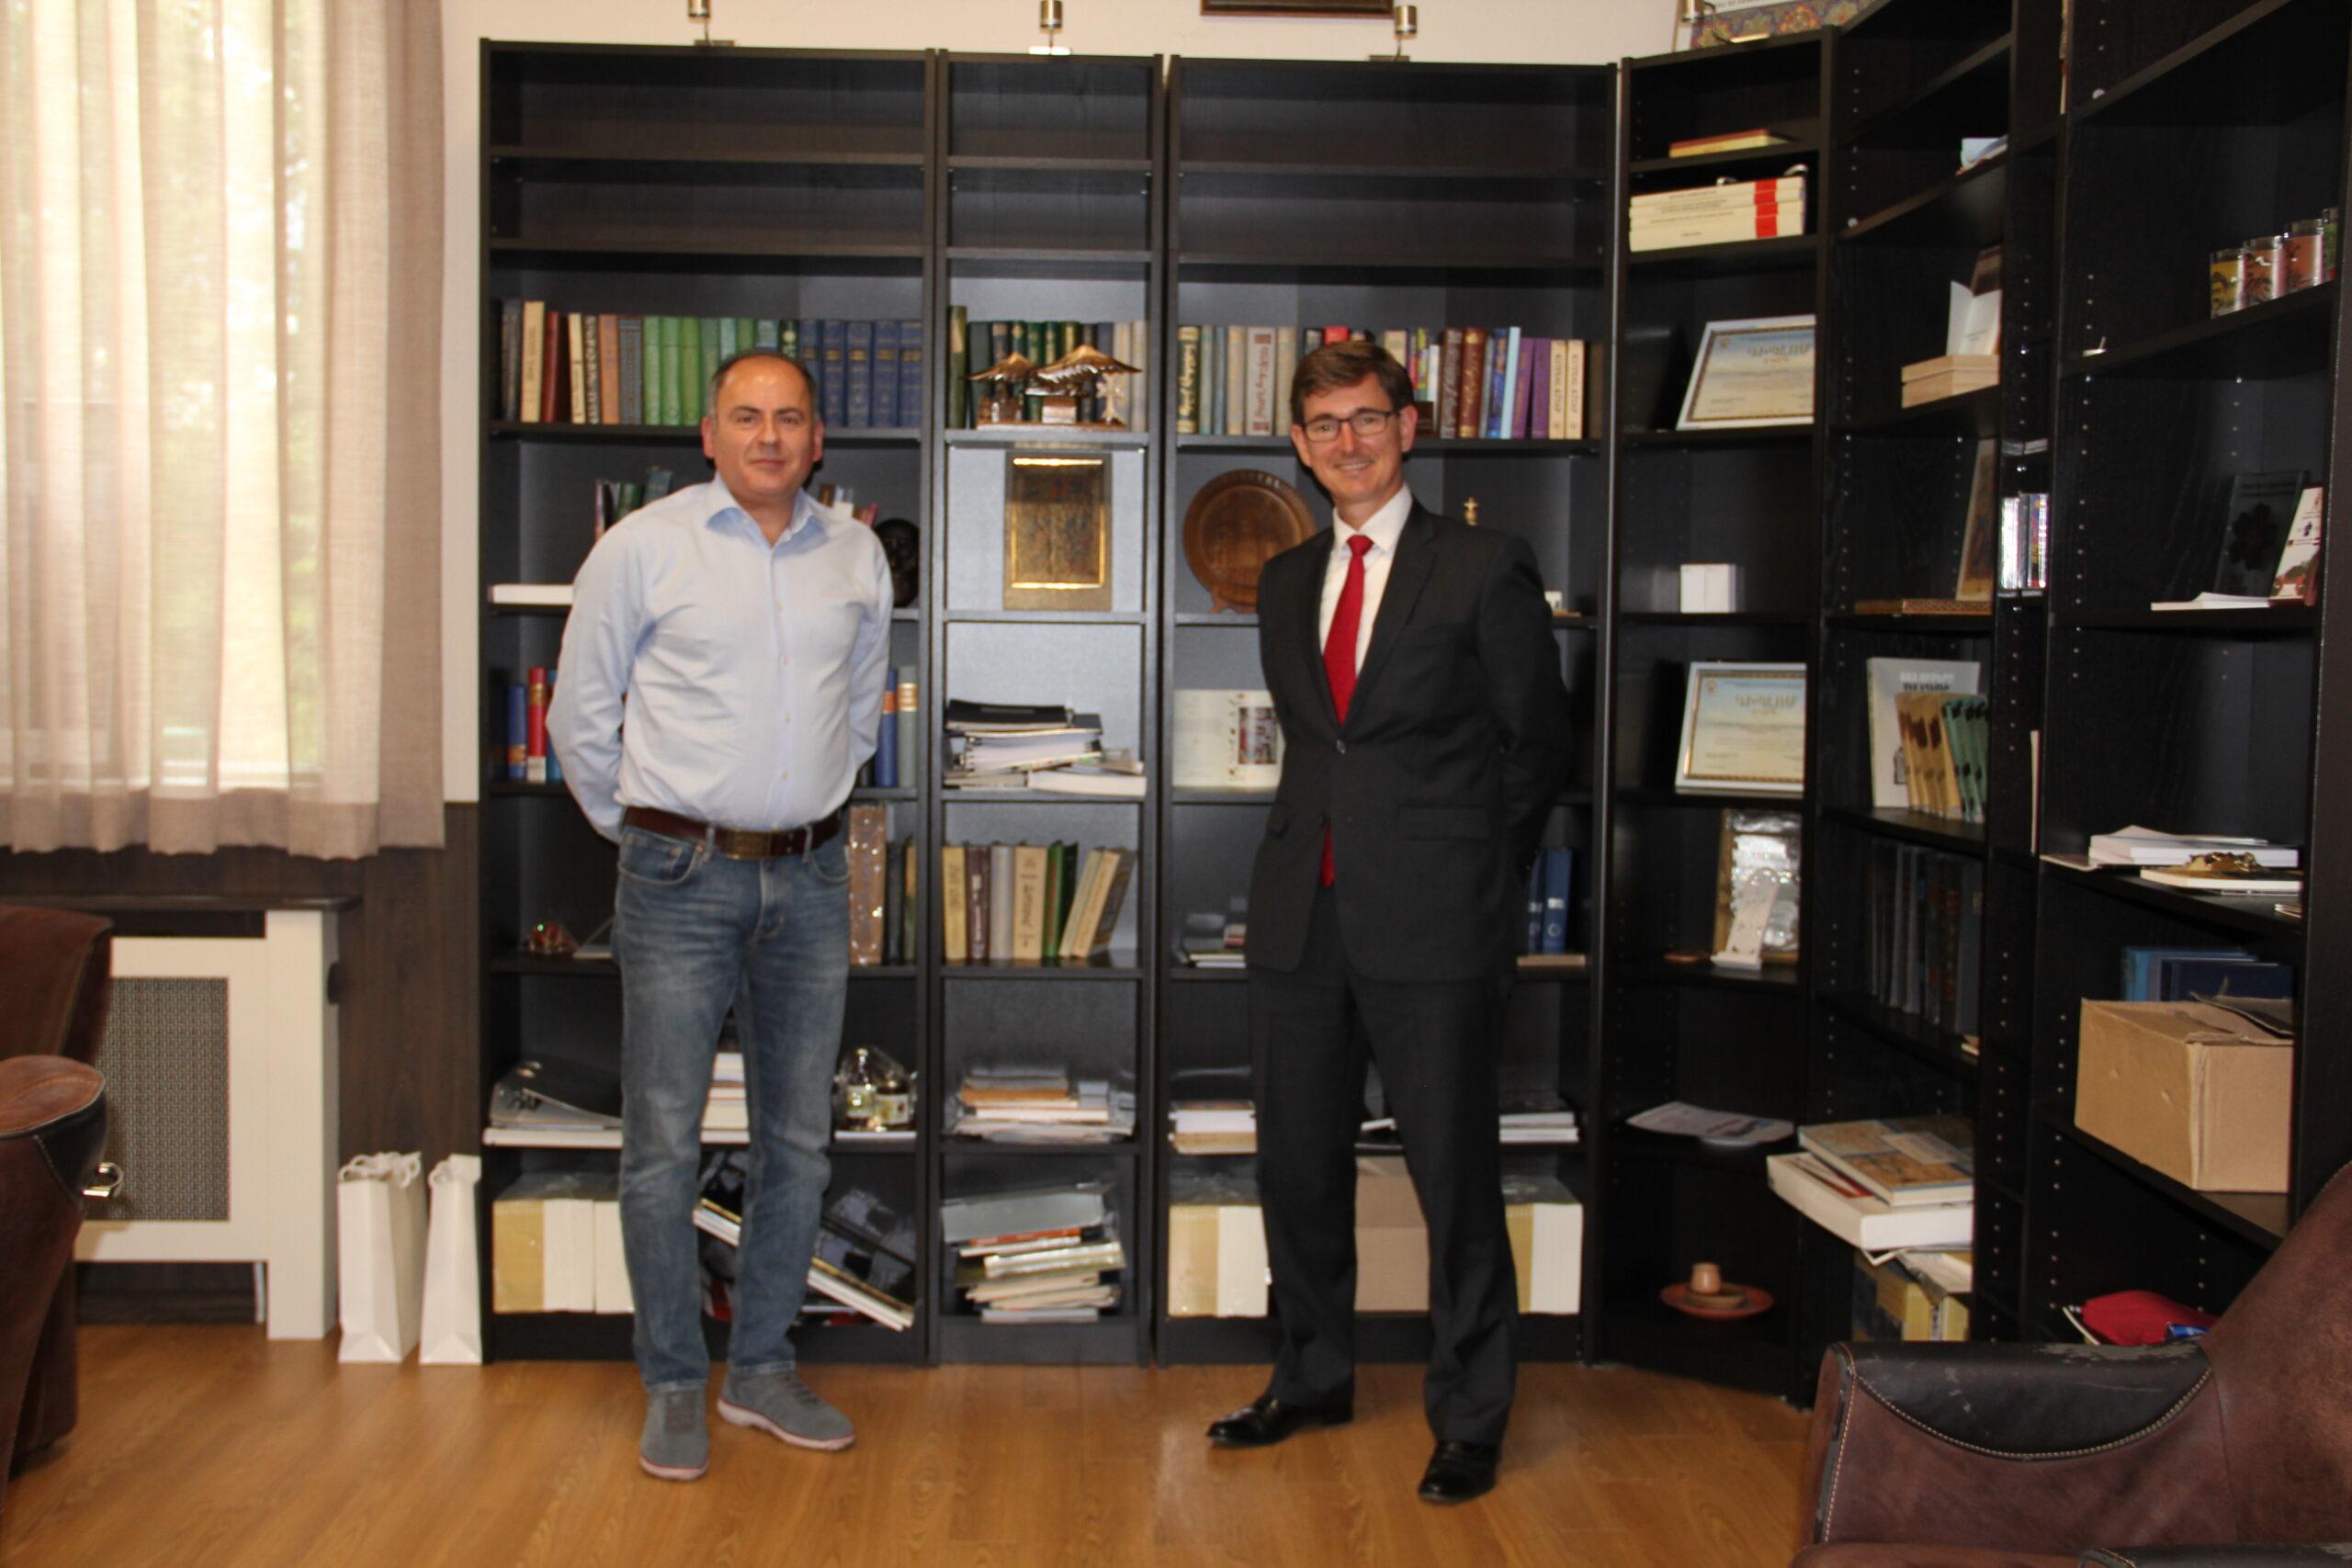 Ontmoeting met toekomstige ambassadeur van Nederland in Armenië